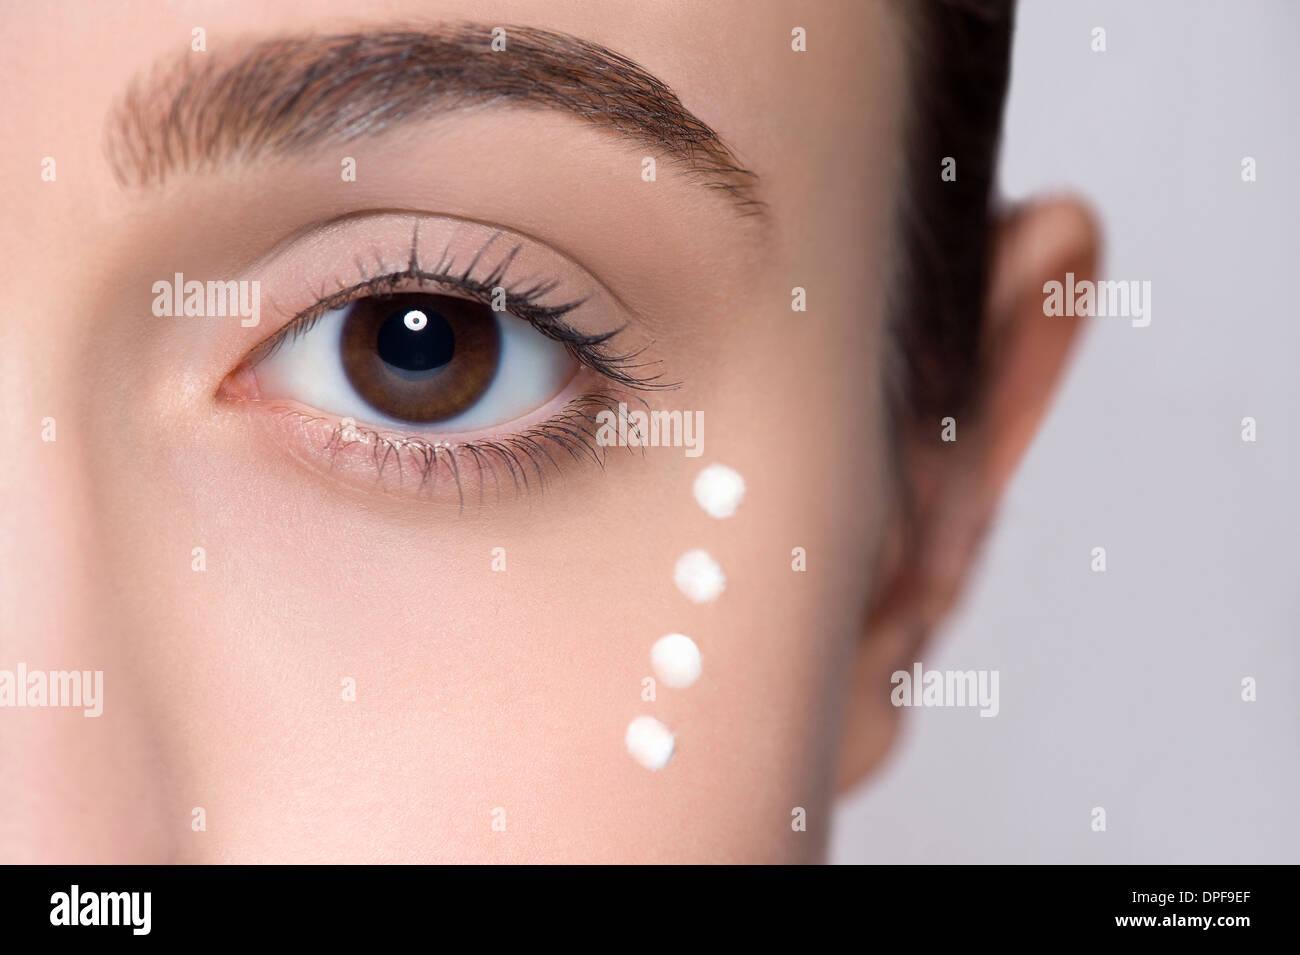 Studioaufnahme von junge Frau Auge abgeschnitten Stockbild